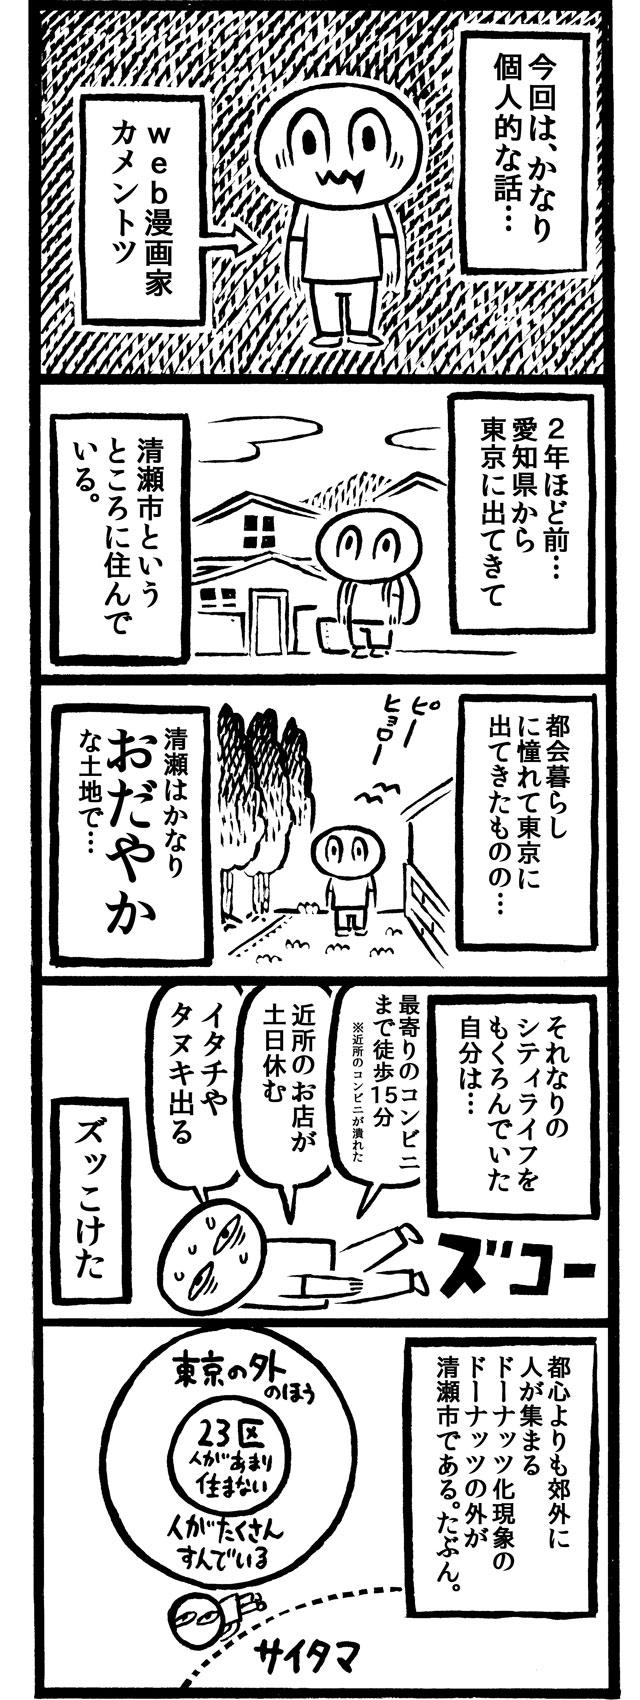 f:id:kakijiro:20160208133324j:plain